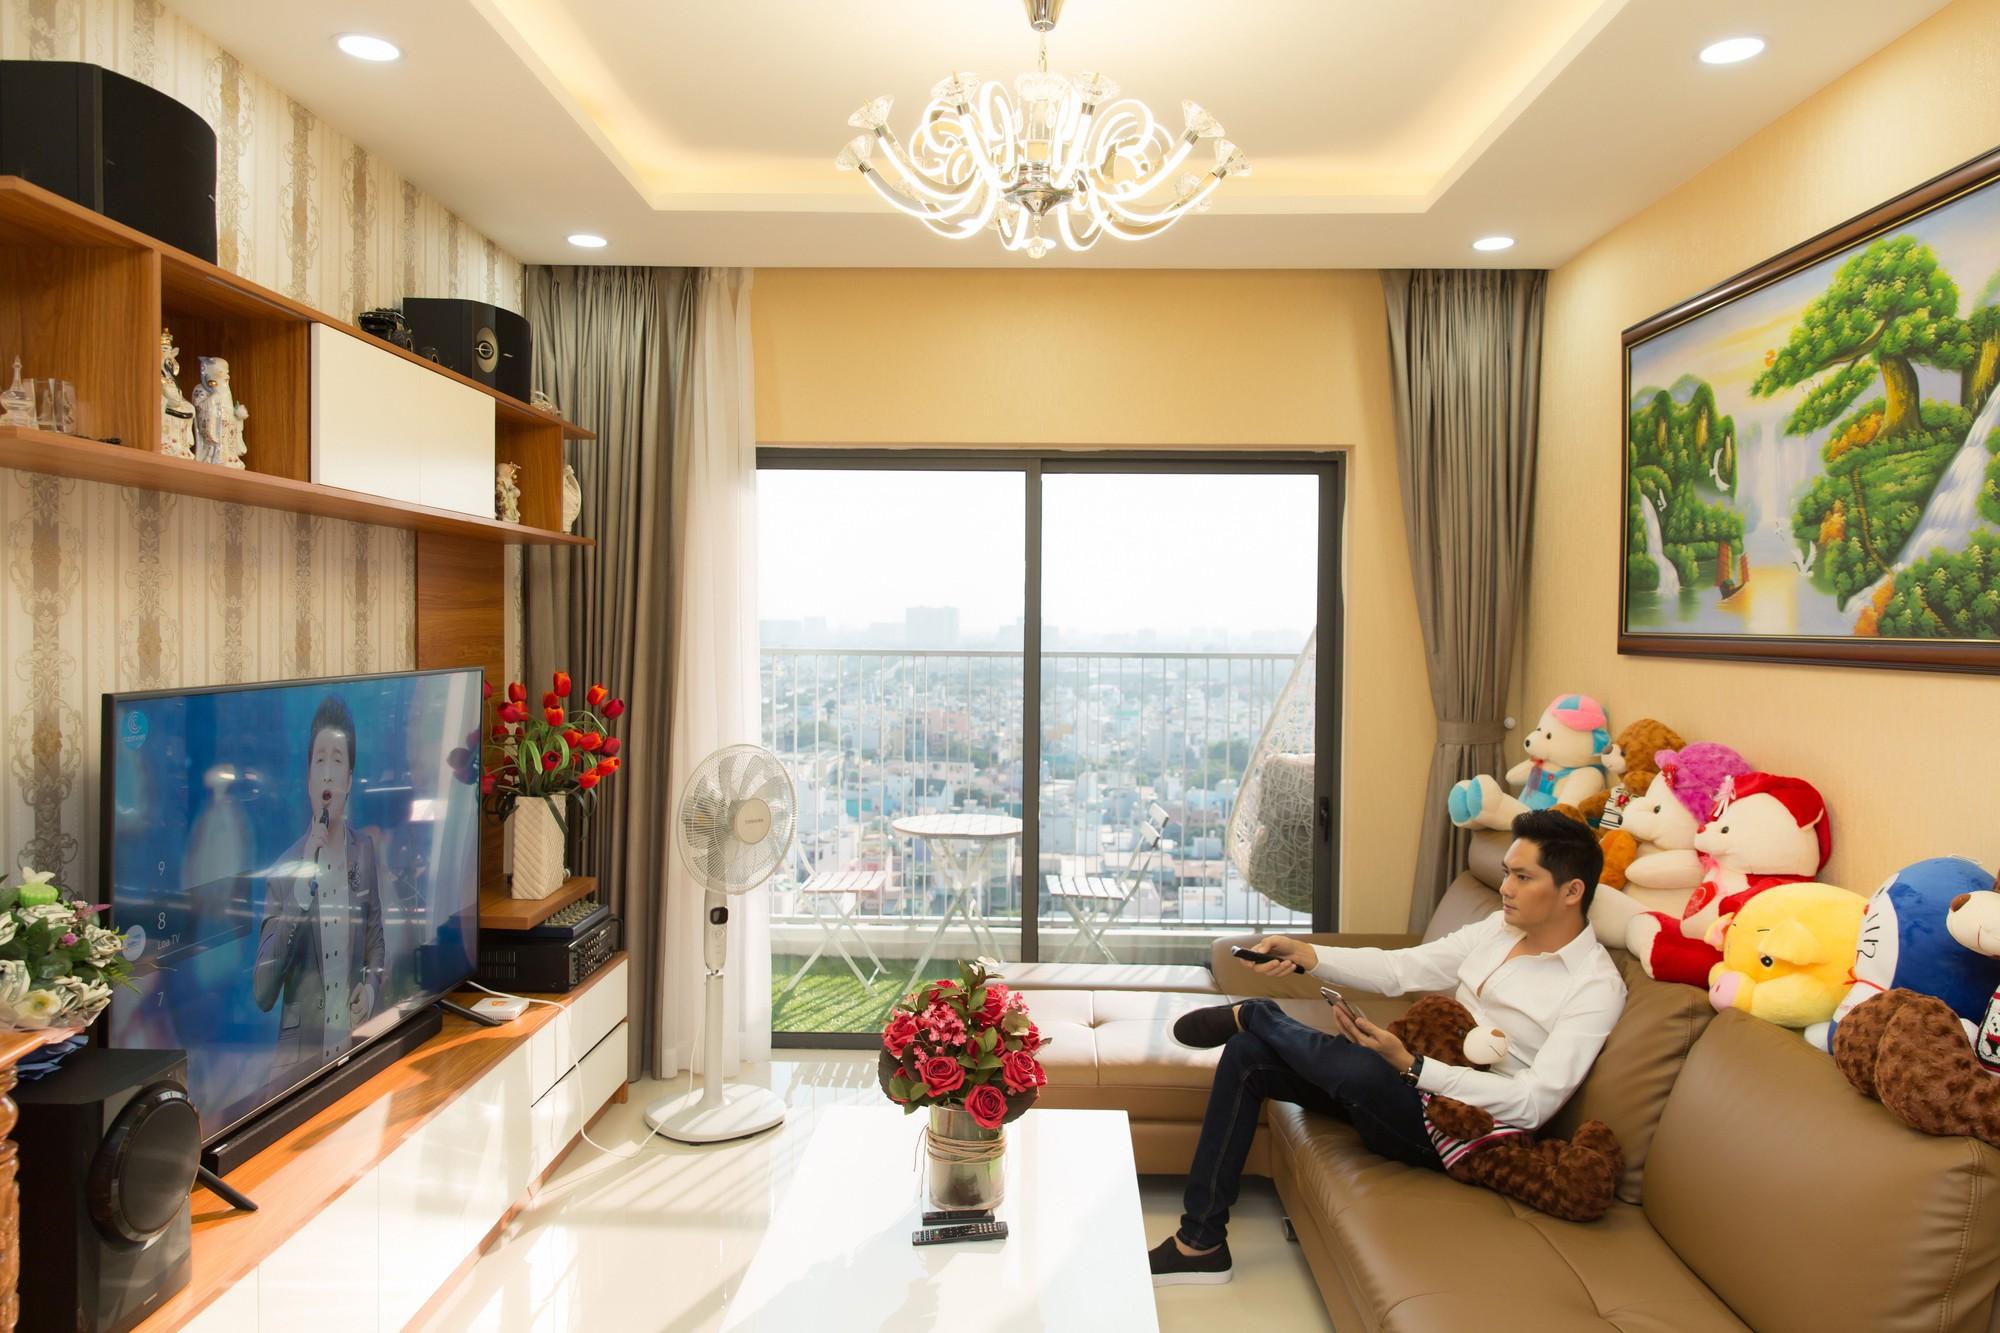 Diễn viên Minh Luân tự hào khoe căn hộ rộng 100 m2 sau 10 năm lập nghiệp ở TP HCM  - Ảnh 3.